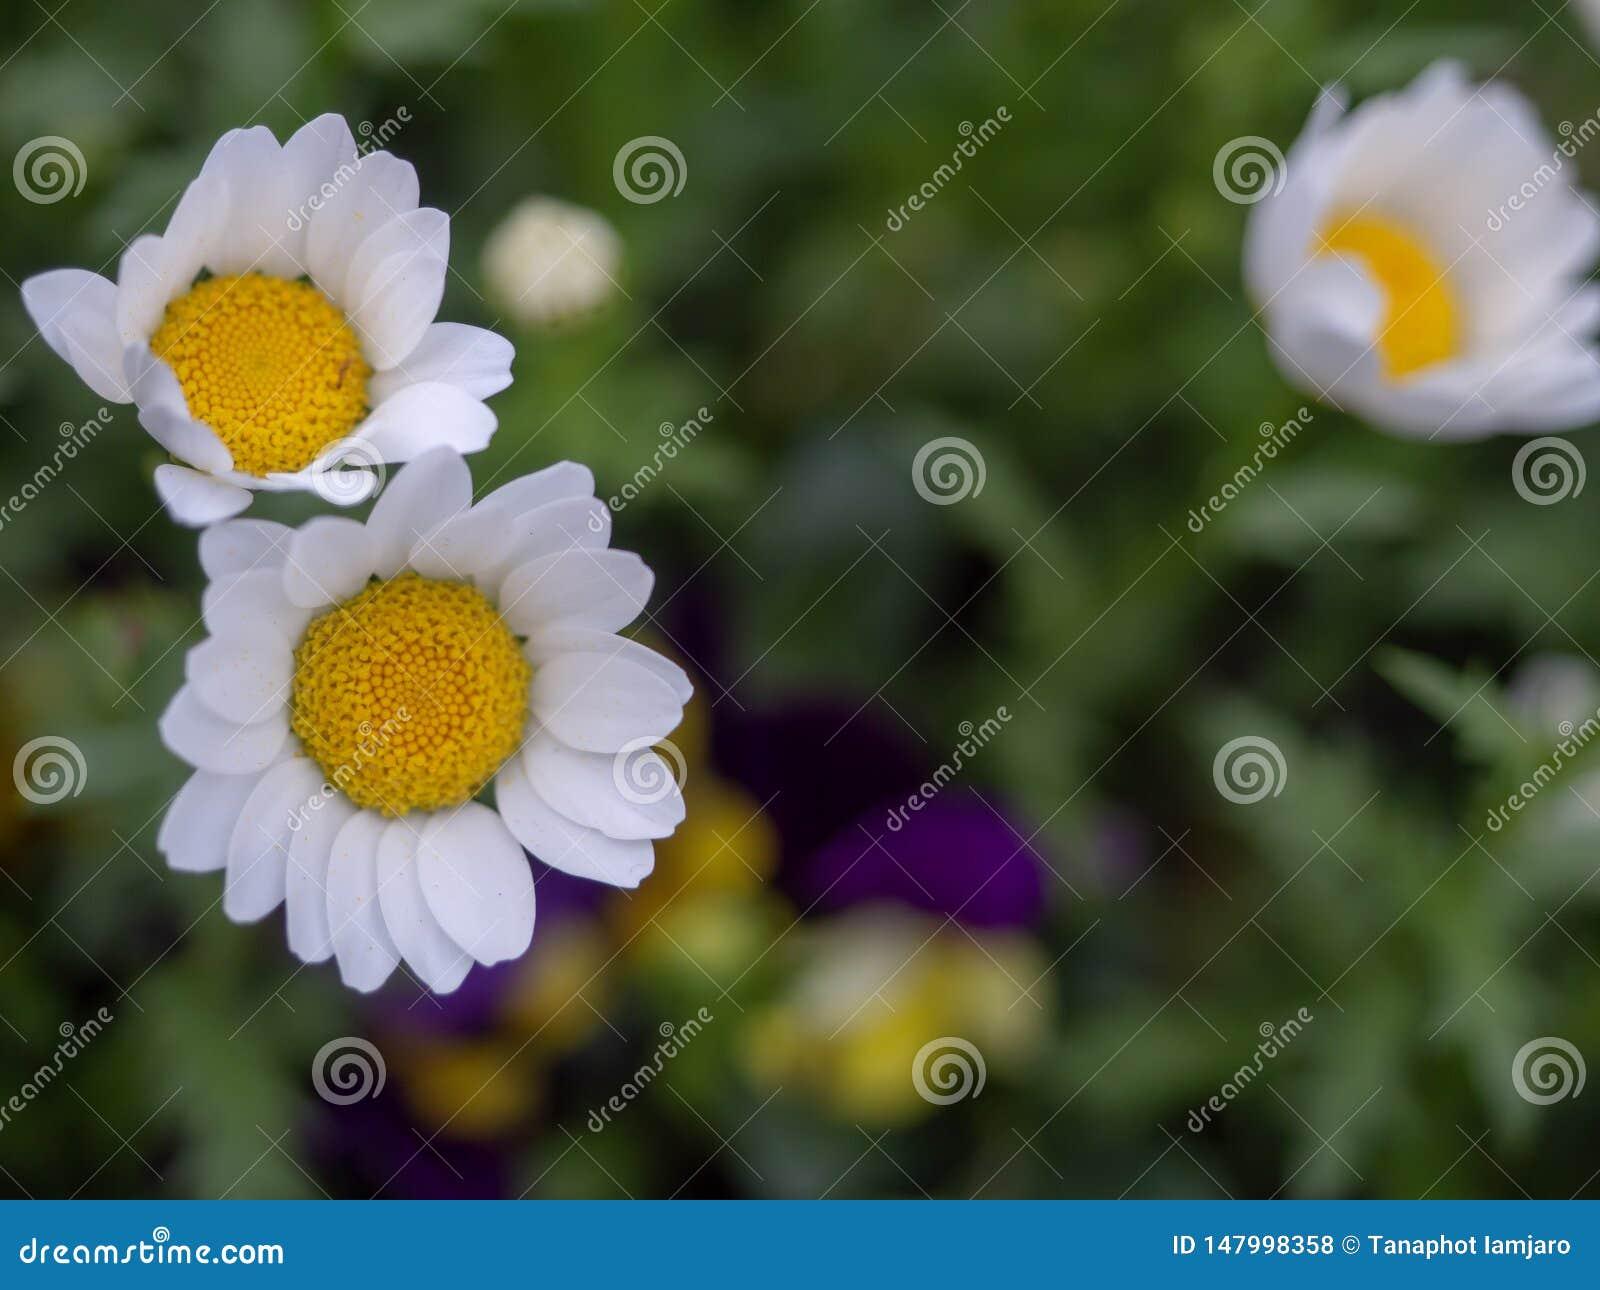 цветки Мини-маргаритки, белые лепестки, красивые желтые тычинки, растут на полях зеленой травы